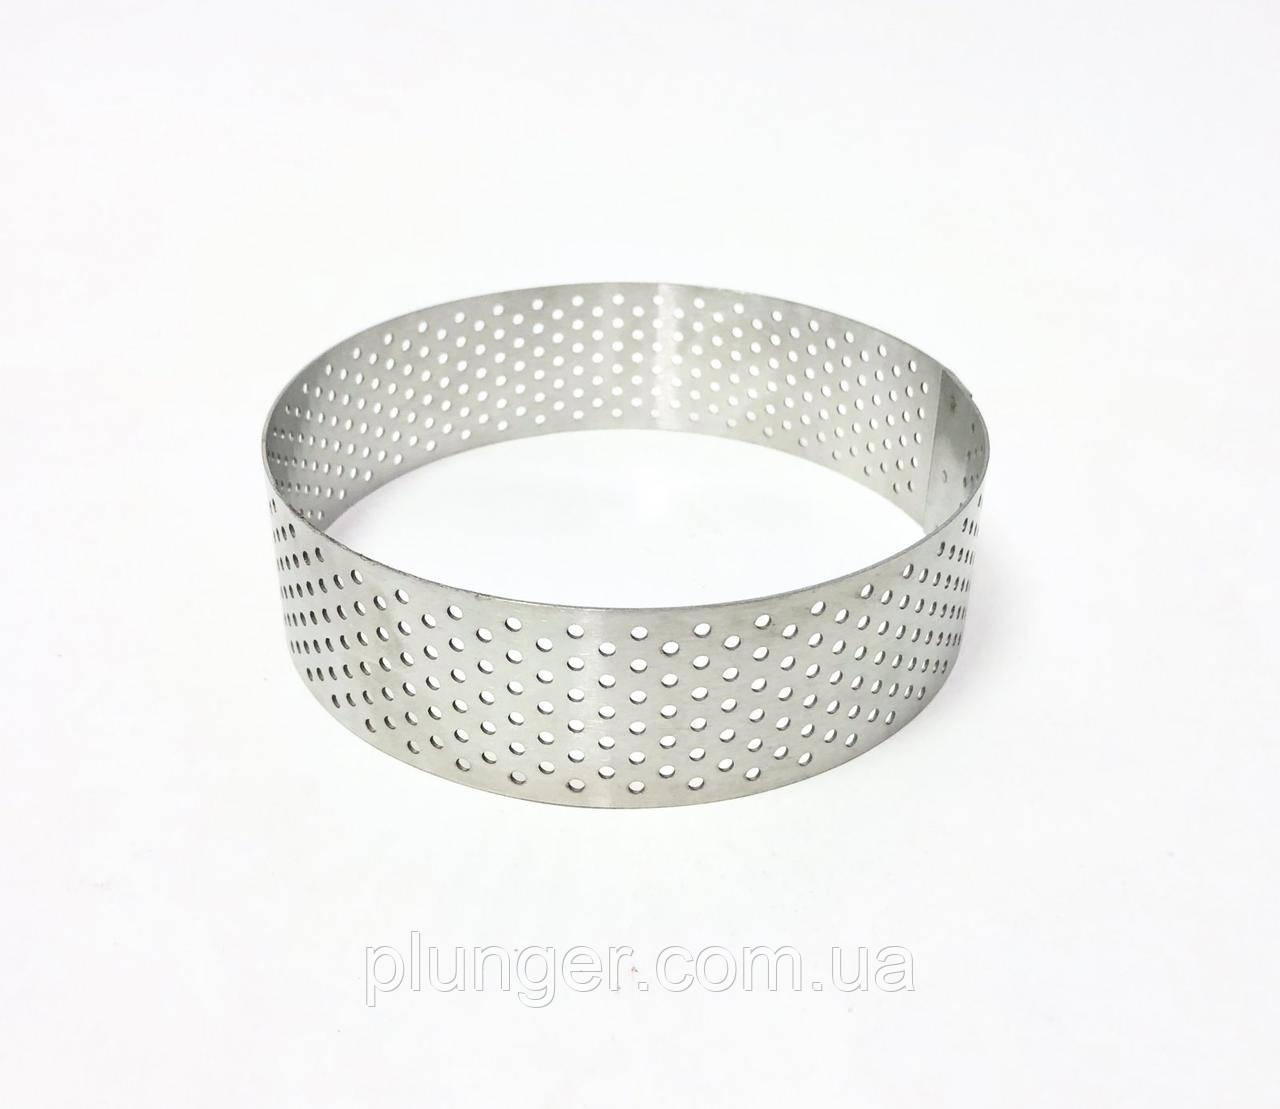 Кольцо кондитерське перфороване діаметром 8 см з круглими отворами